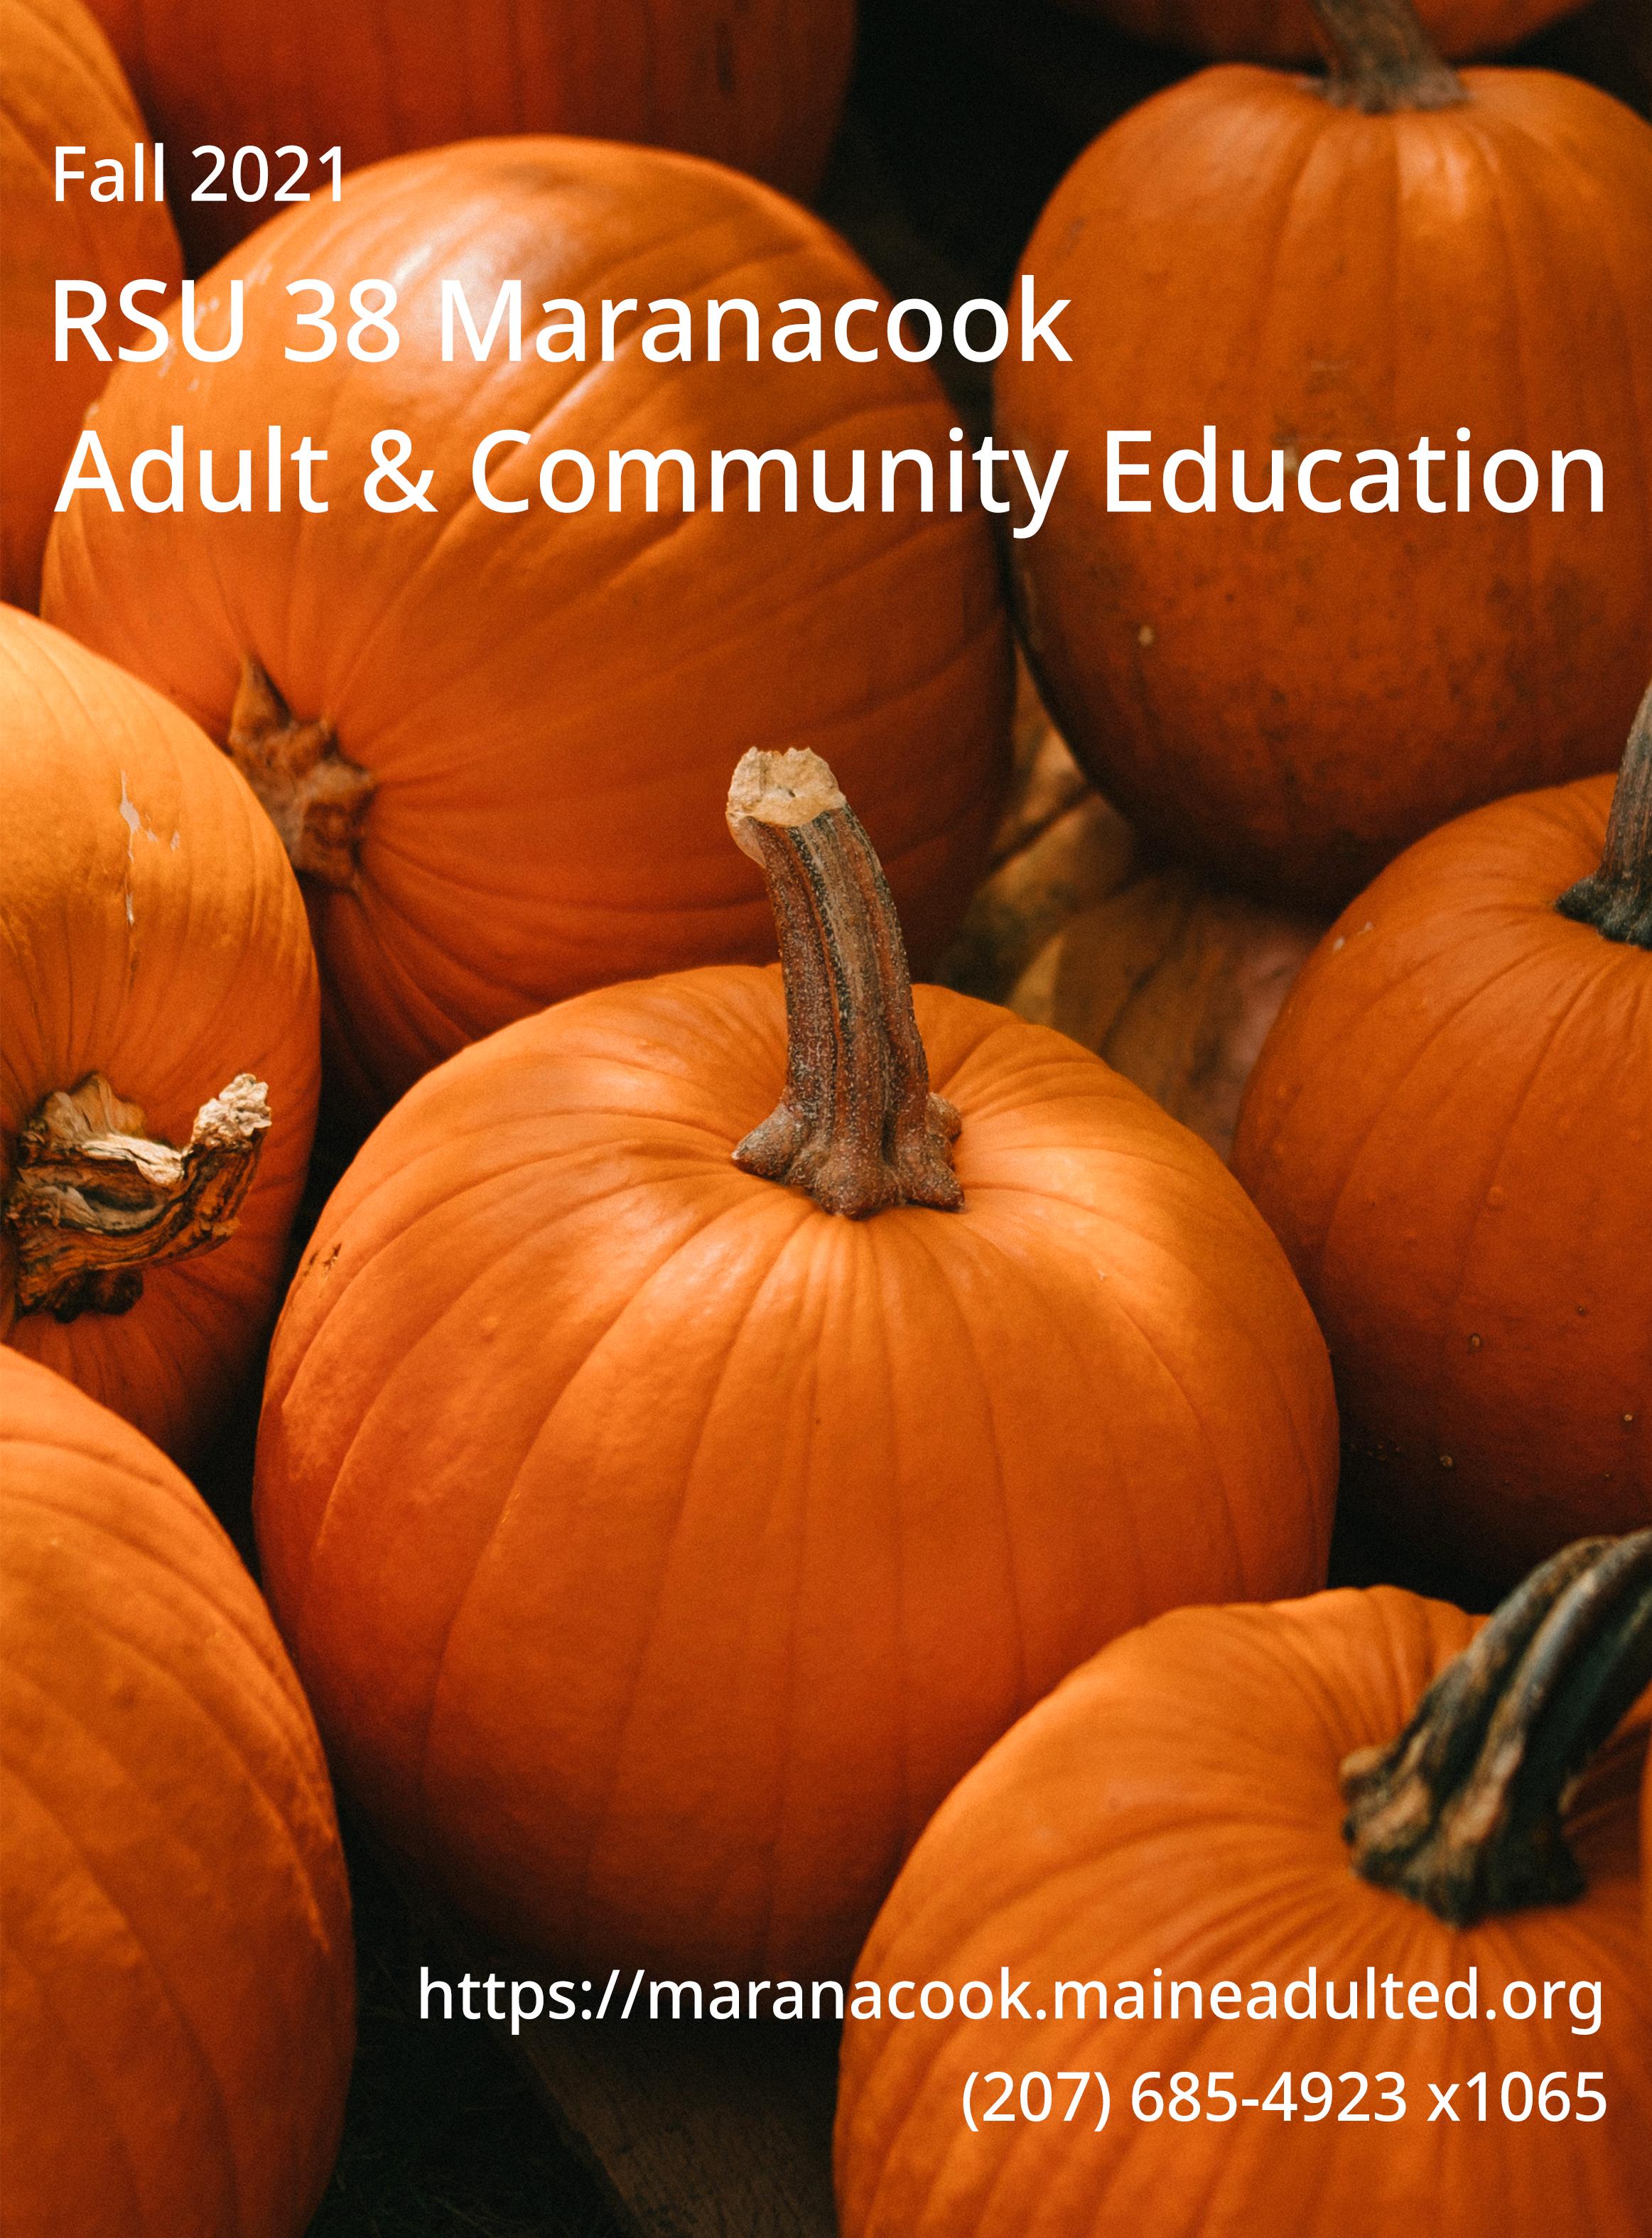 Maranacook Adult Education image #4268